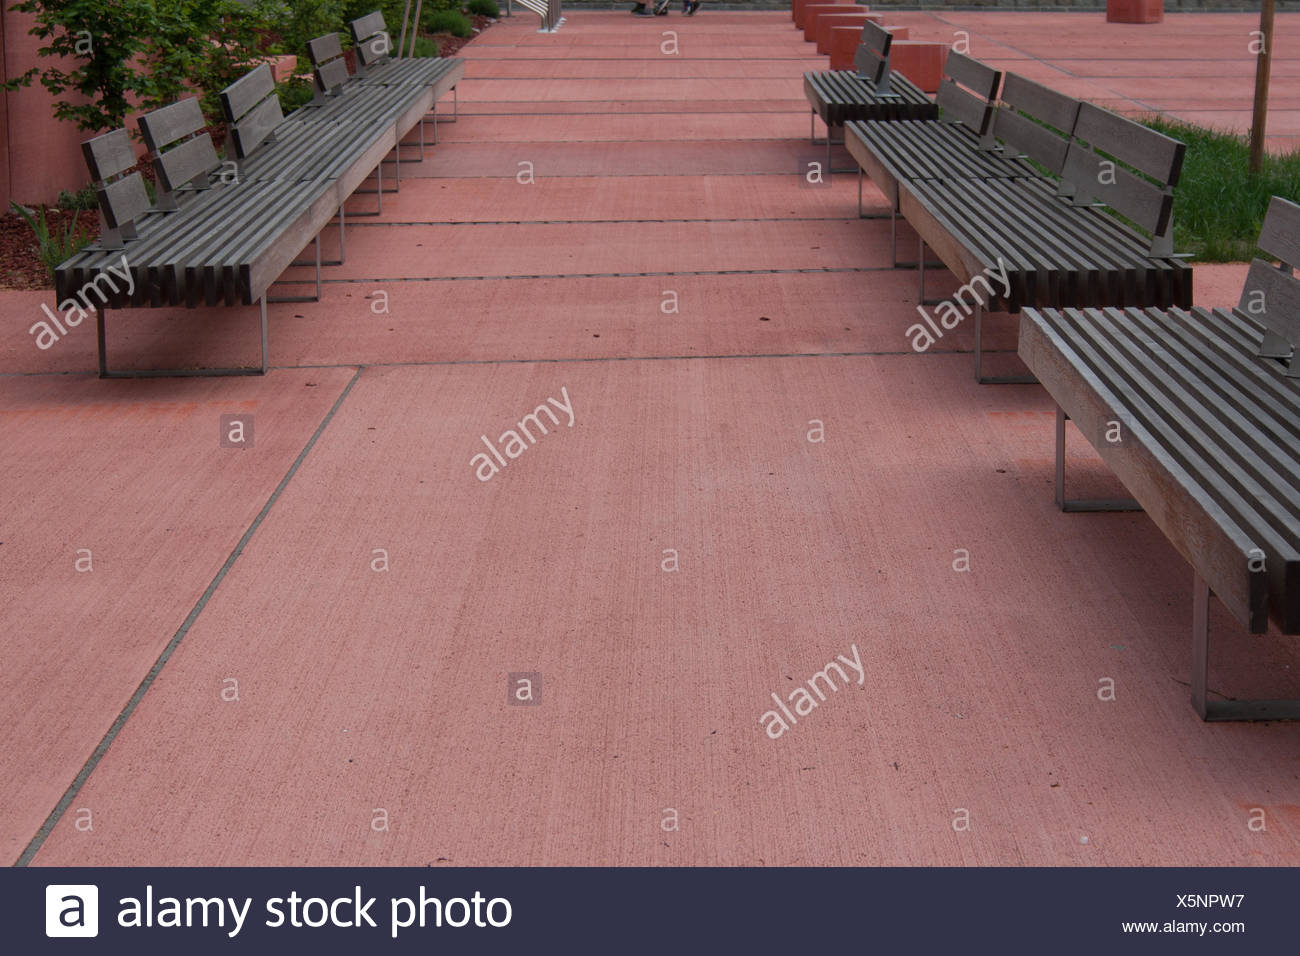 Les autrichiens, bancs, carré, Basse-Autriche, couleur, siège, banc, couleurs, Photo Stock